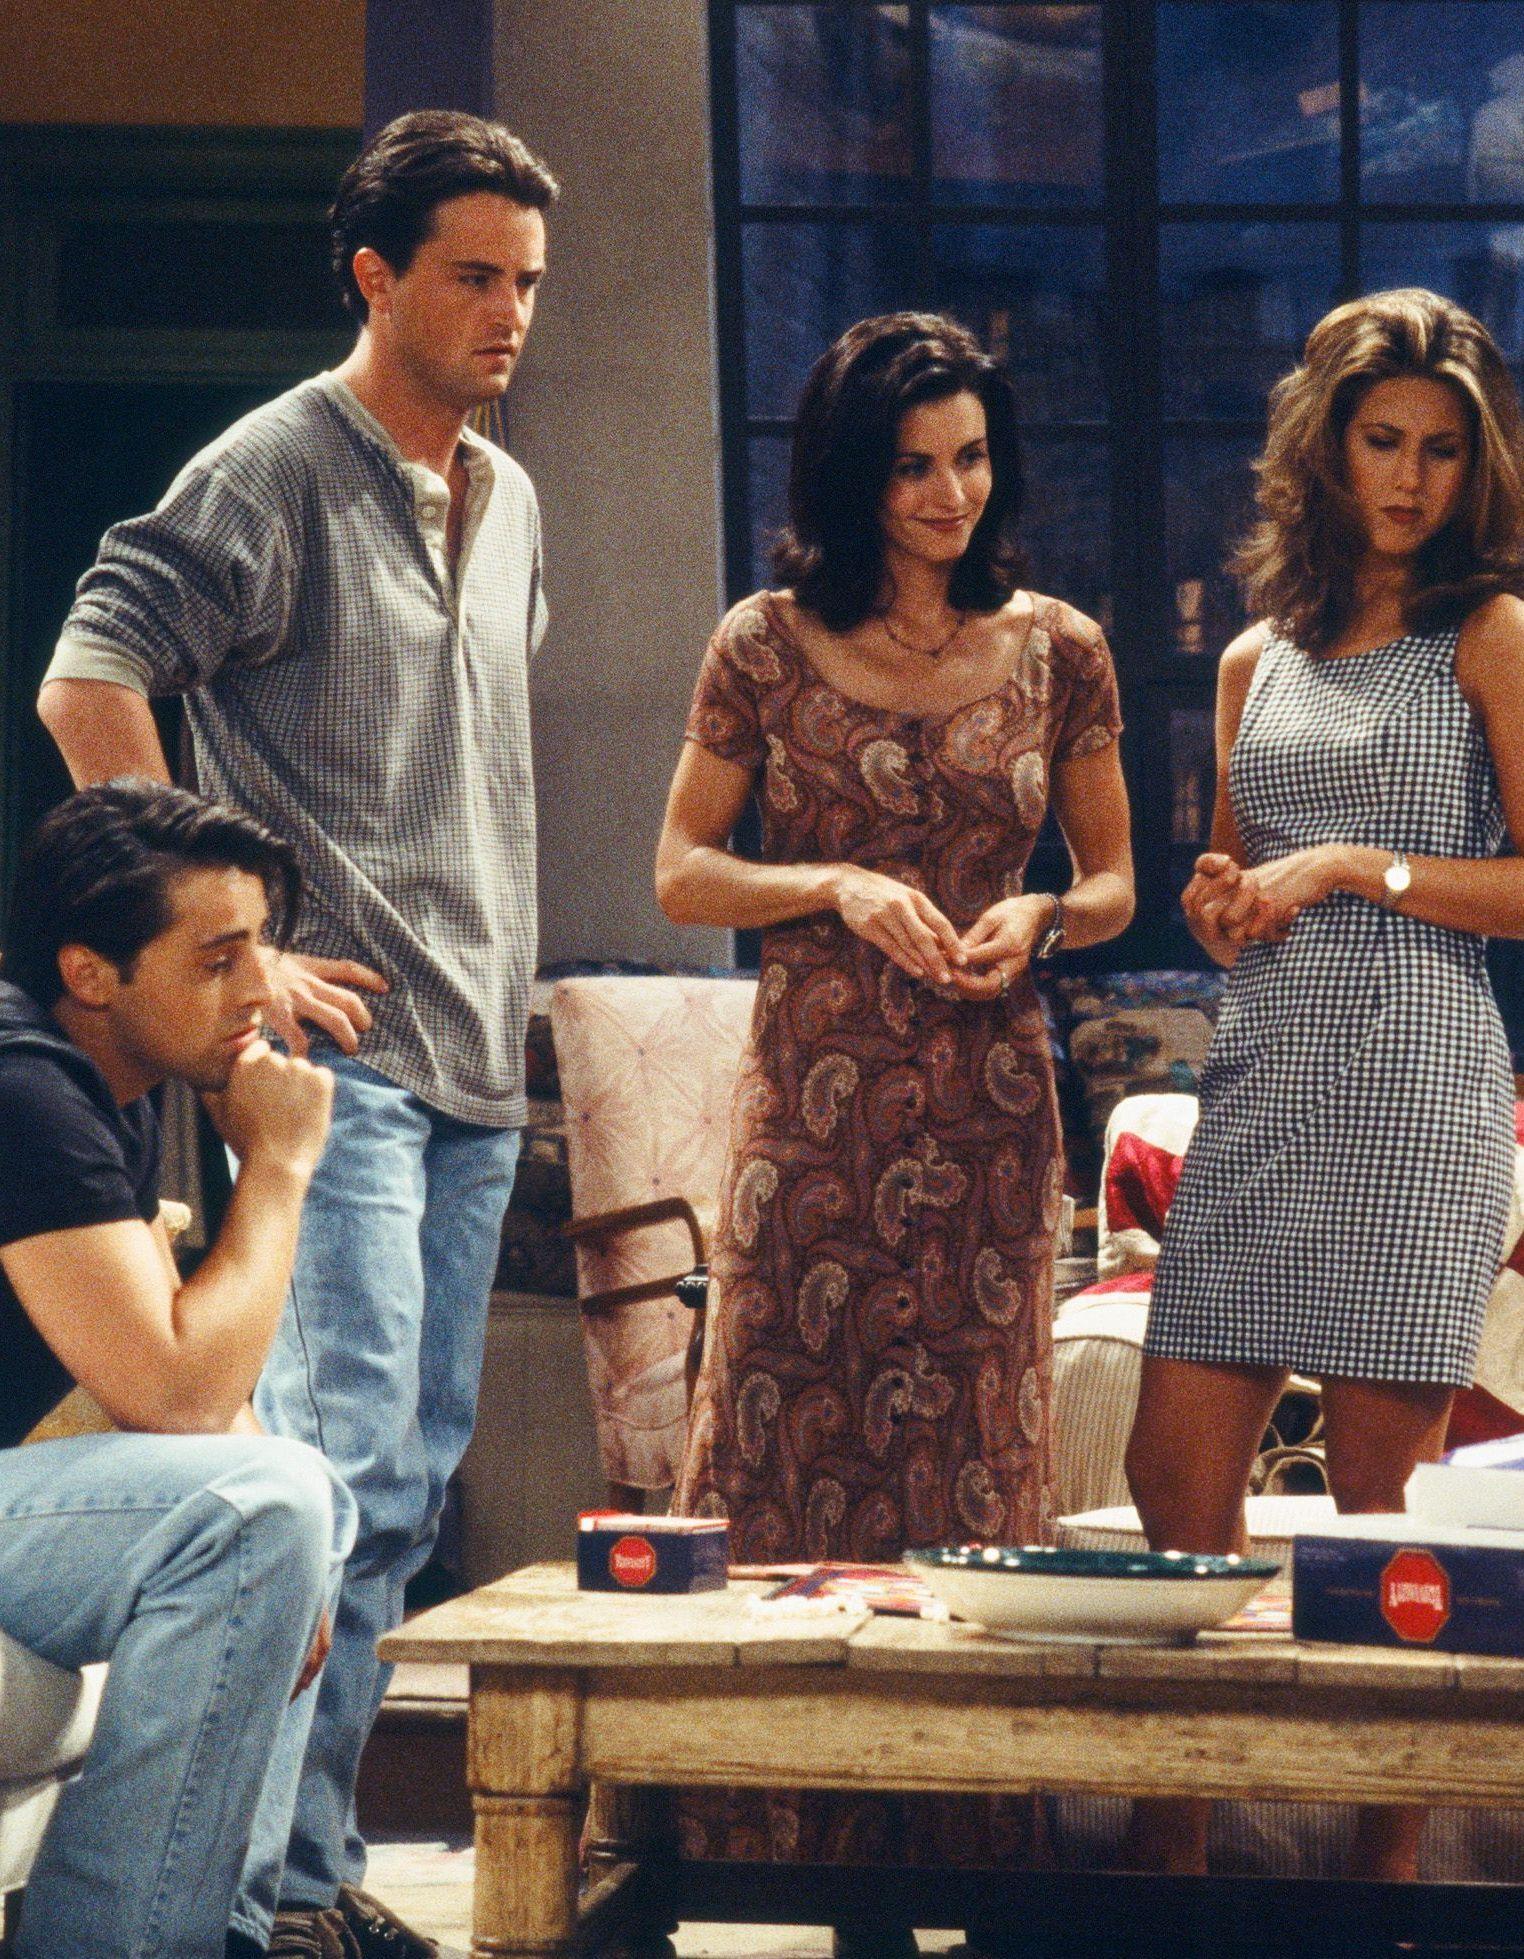 Friends revient : l'évolution des acteurs depuis leur début dans la série, à aujourd'hui - Elle